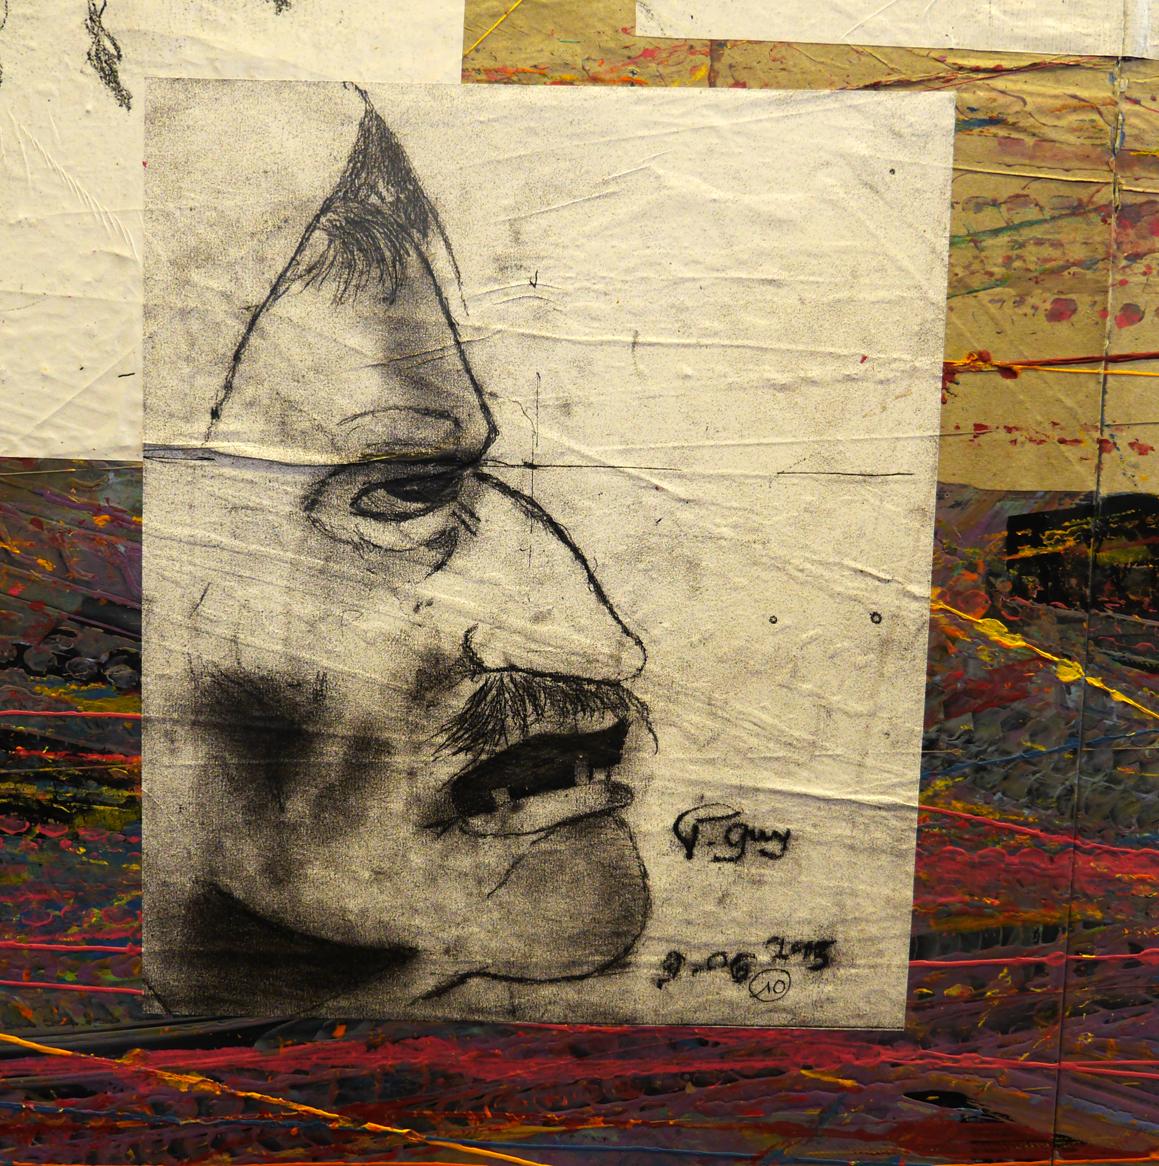 gros plan d'un « affreux », l'un des « affreux » personnages copiés du tableau de Jérôme Bosch Le portement de croix © Fanny Magdelaine